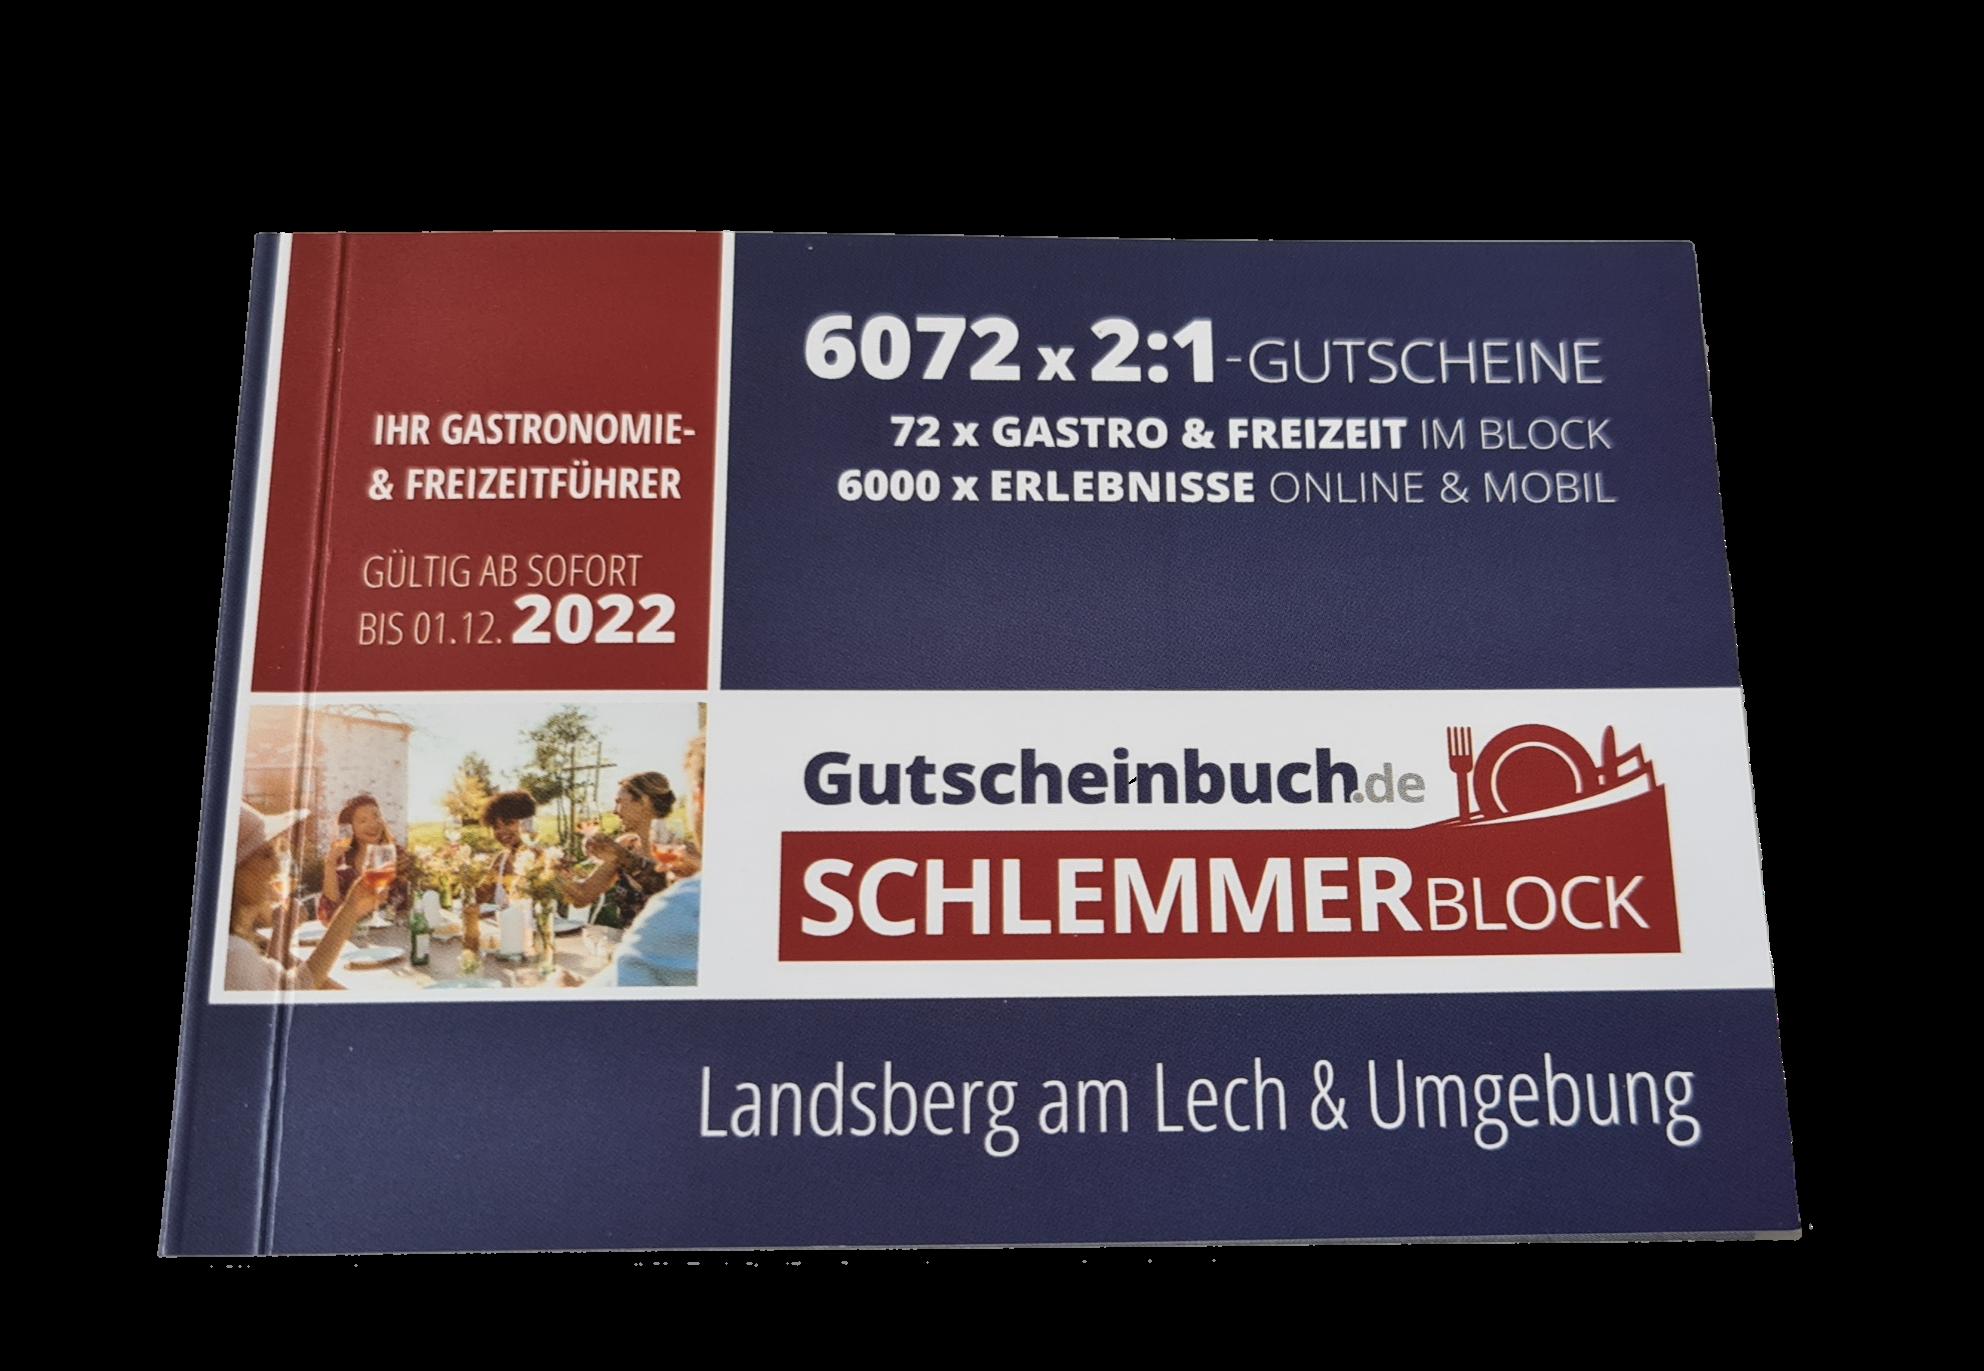 Schlemmer Block Landsberg am Lech&Umgebung